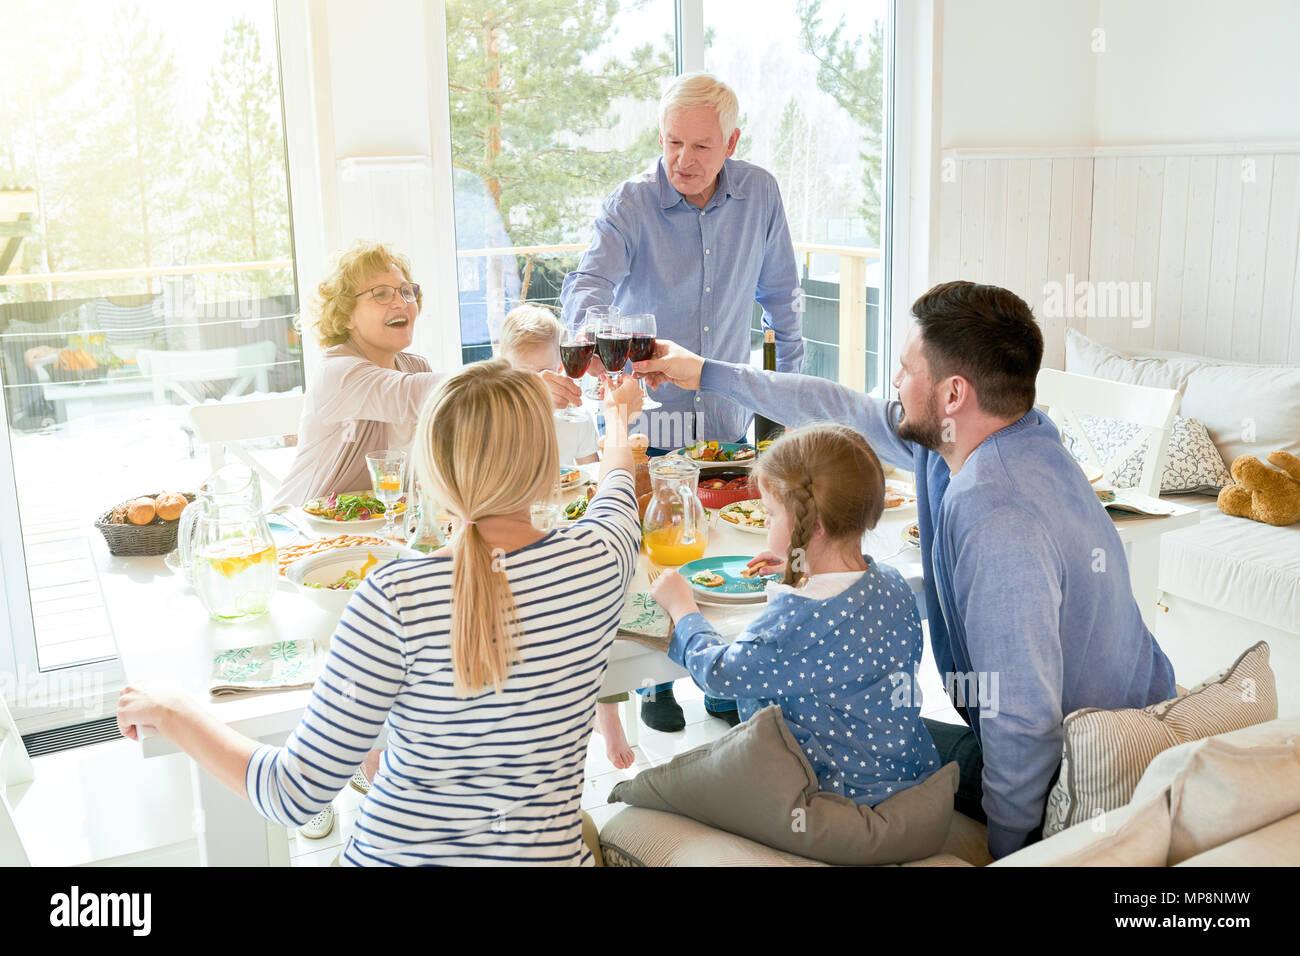 Réunion de famille au dîner Photo Stock